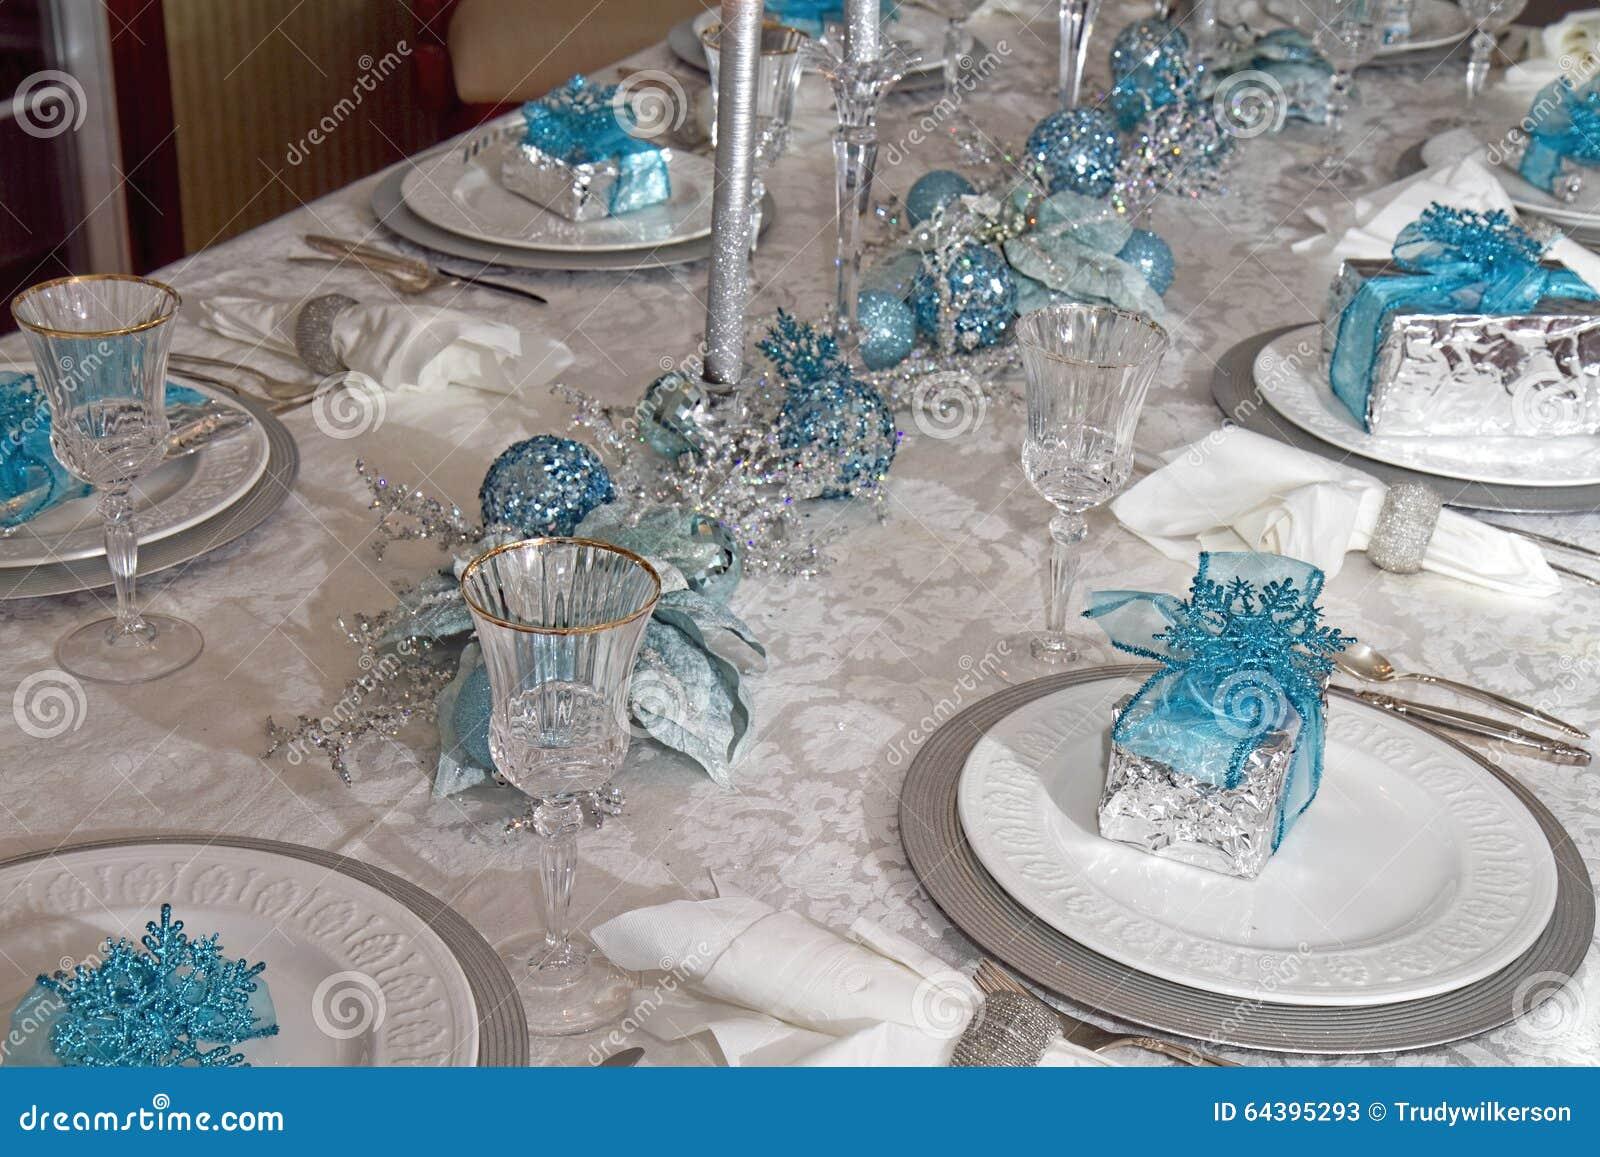 Come decorare la sala da pranzo : come arredare casa riciclando ...